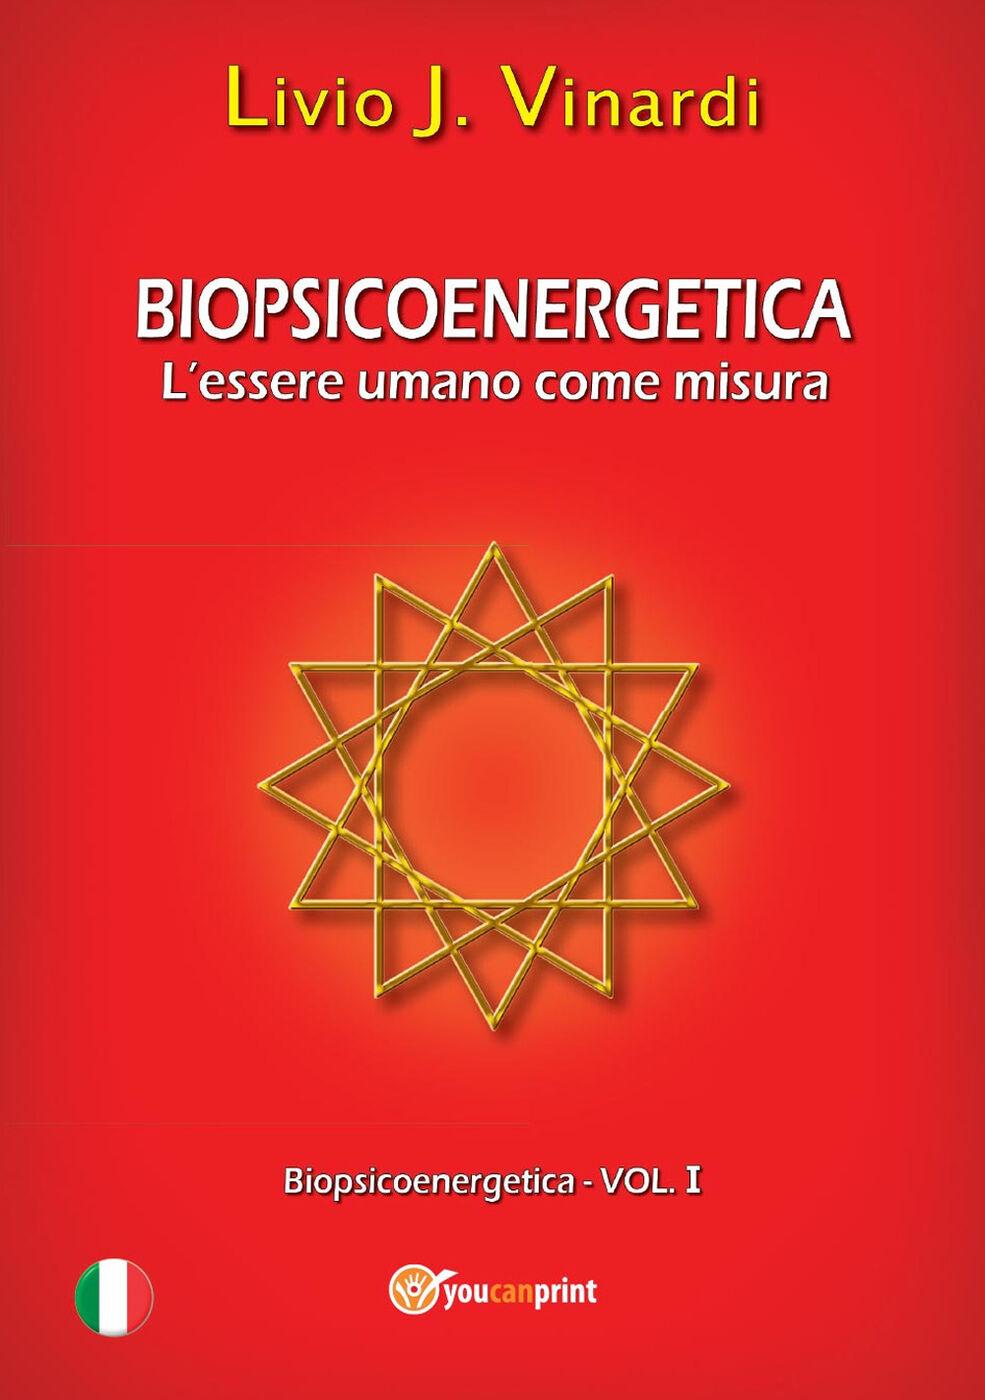 Biopsicoenergetica. L'essere umano come misura